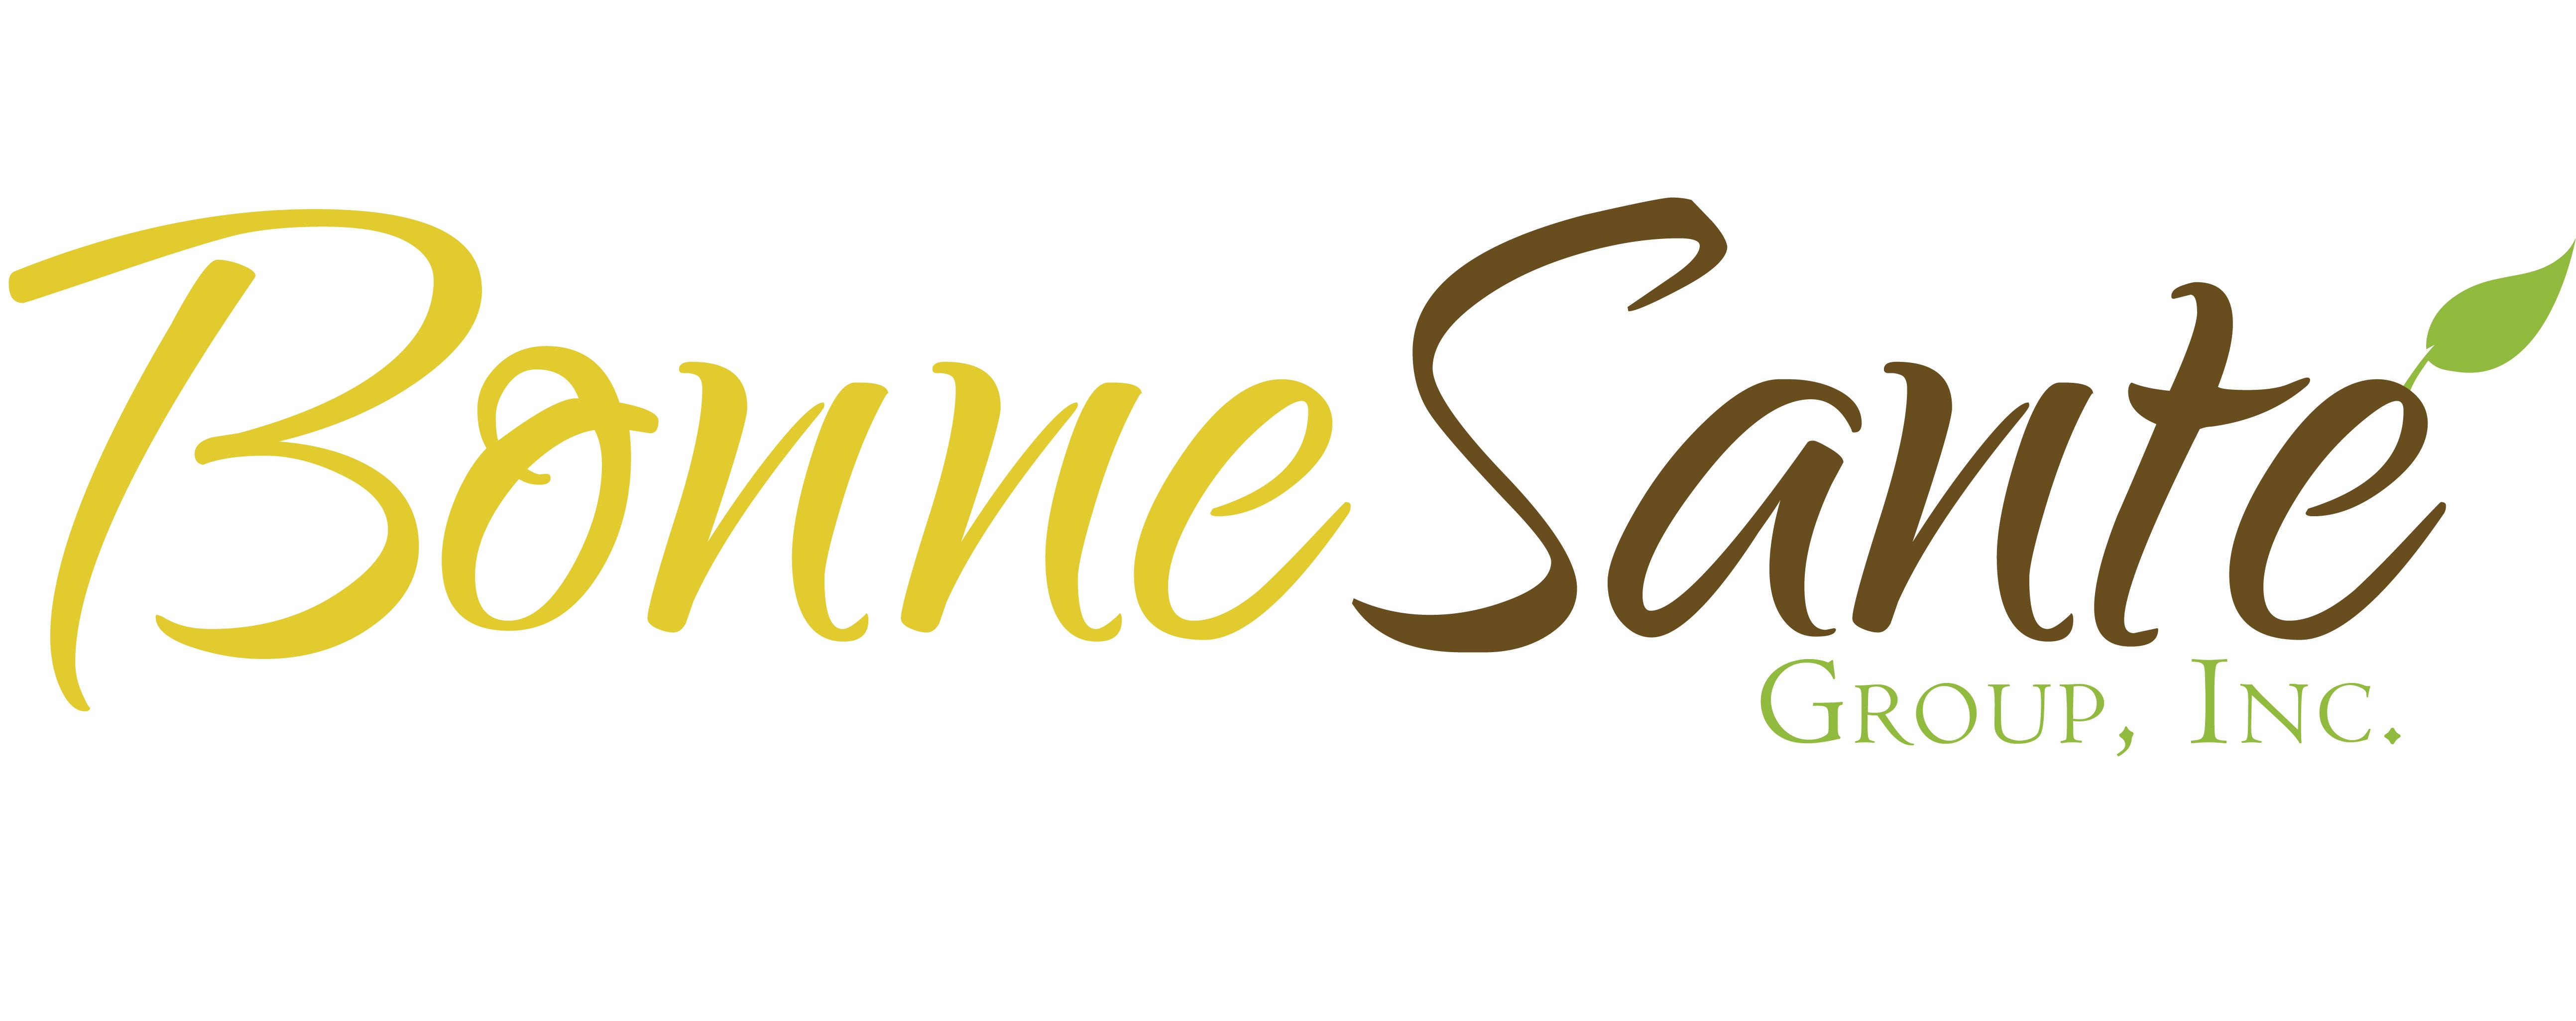 Bonne Santé Group Completes Milestone Acquisition of